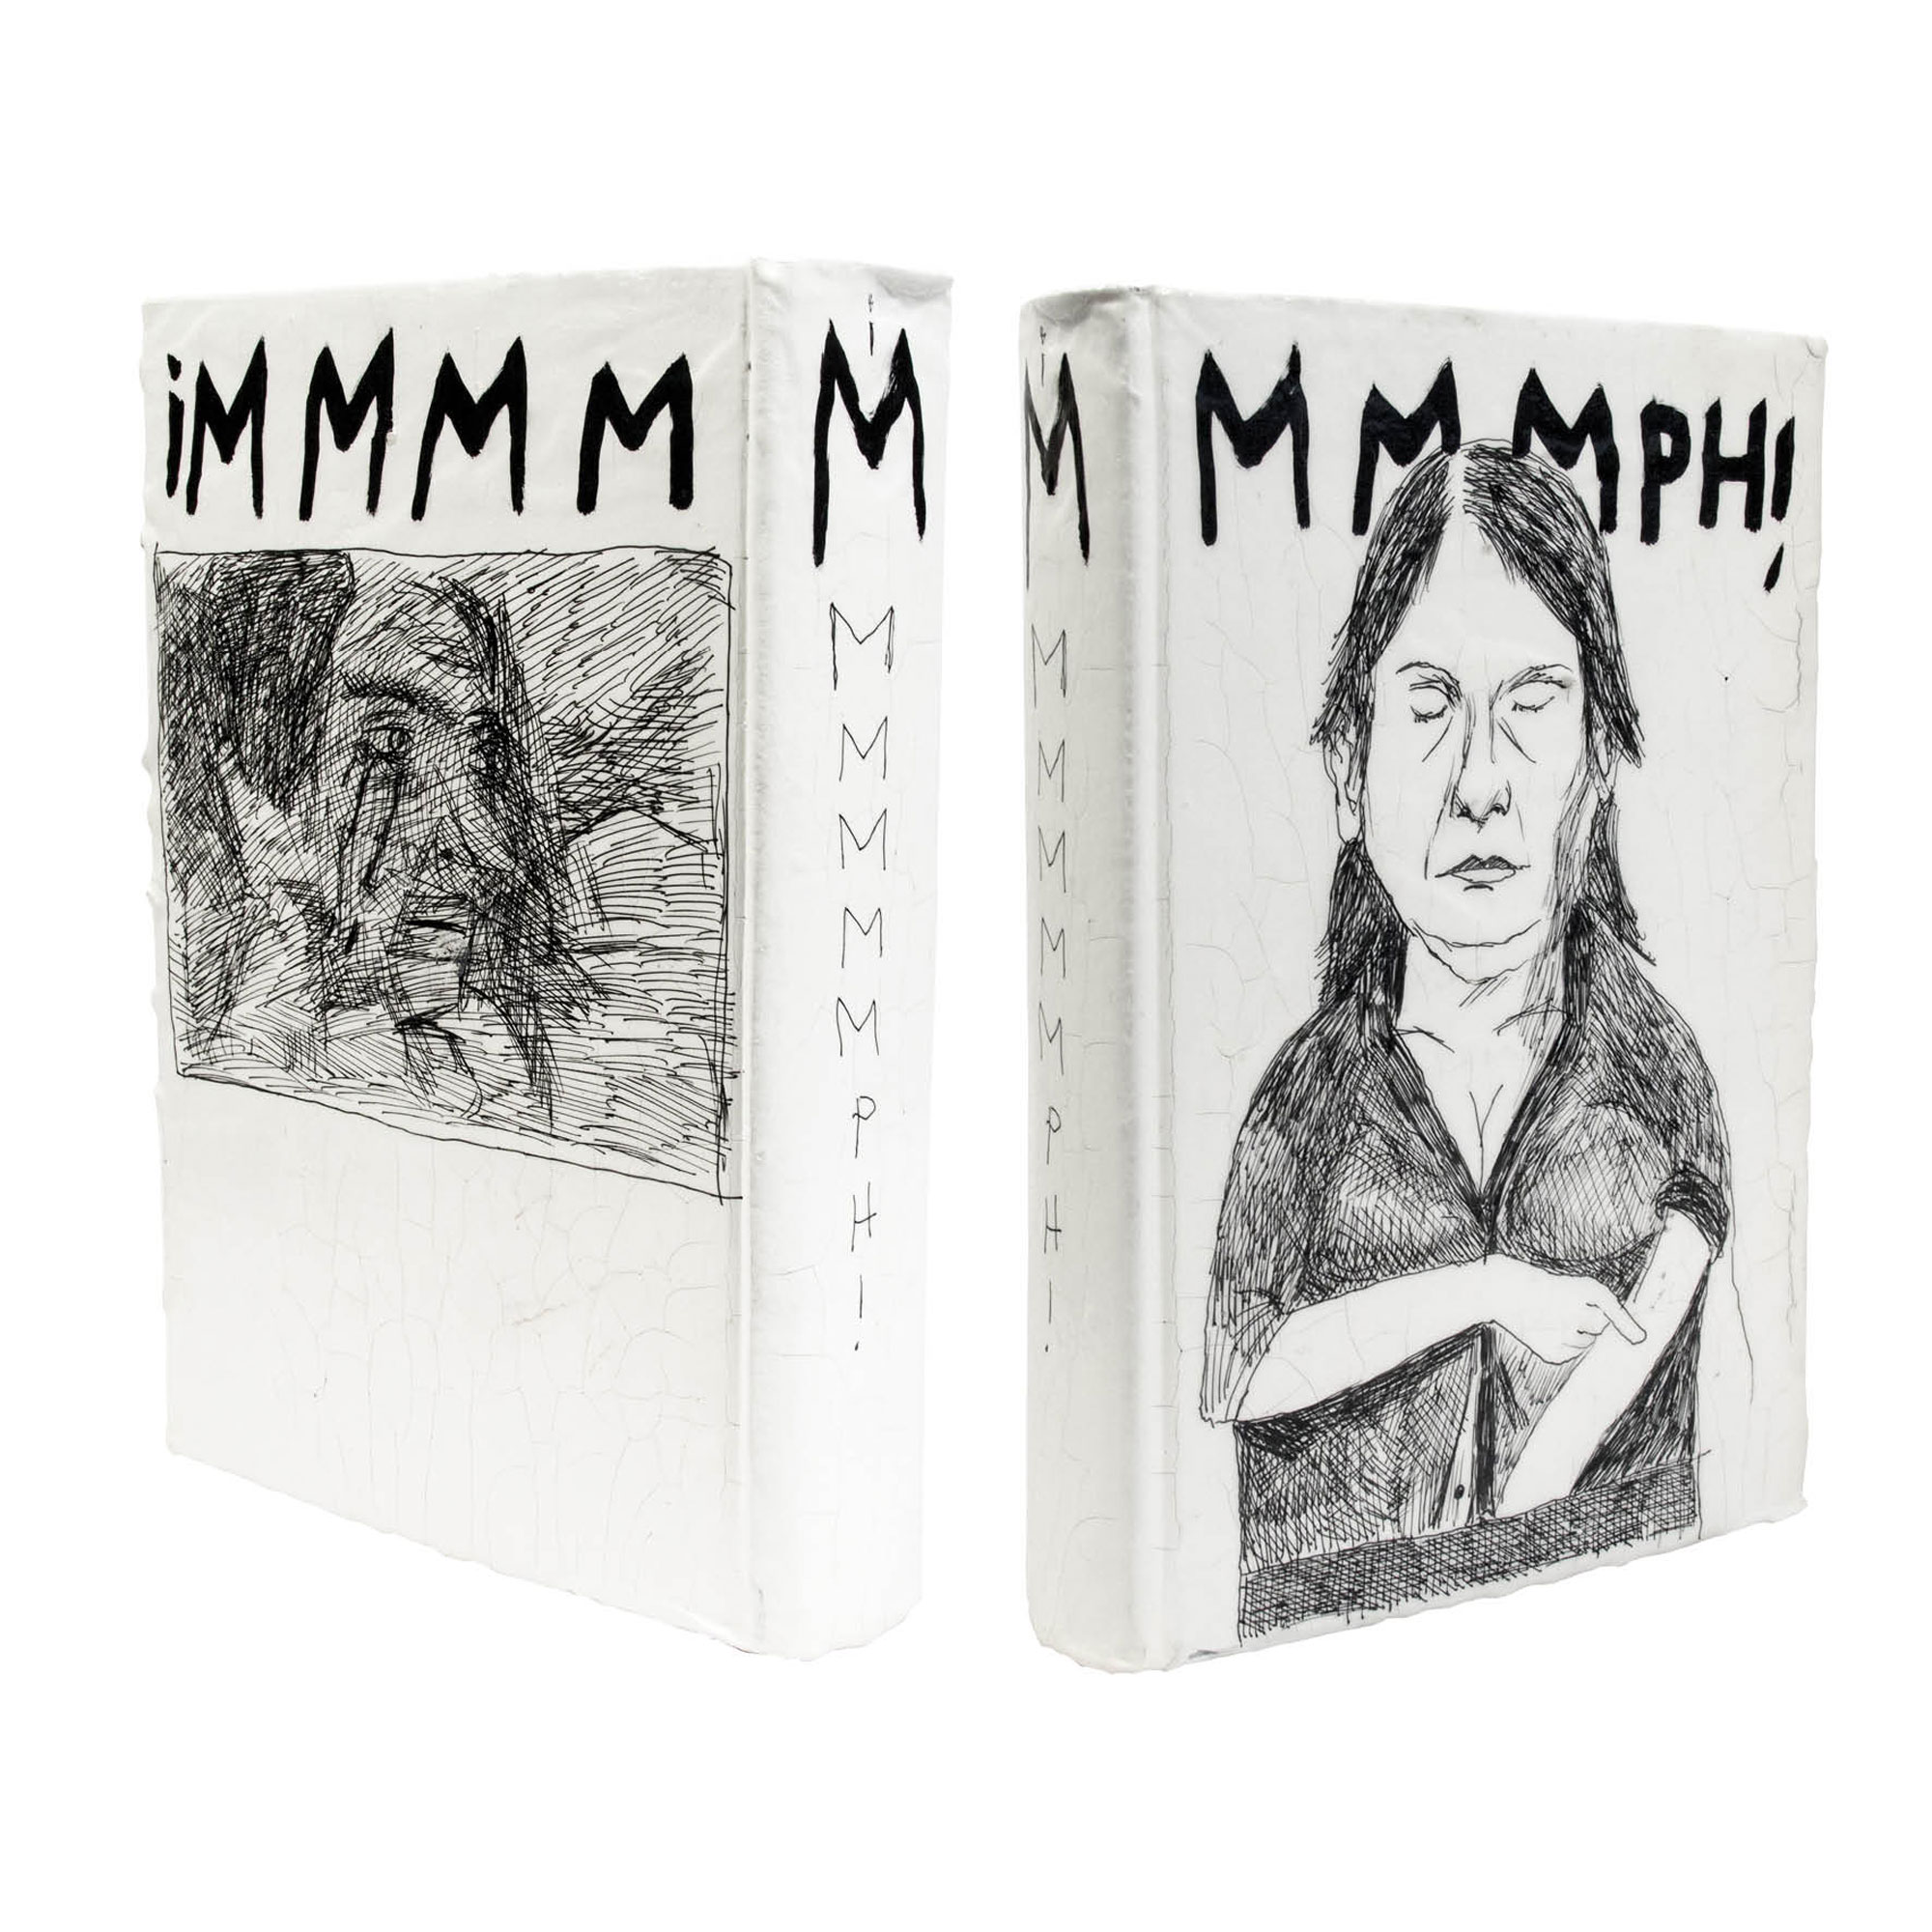 (3)MMMMMPH